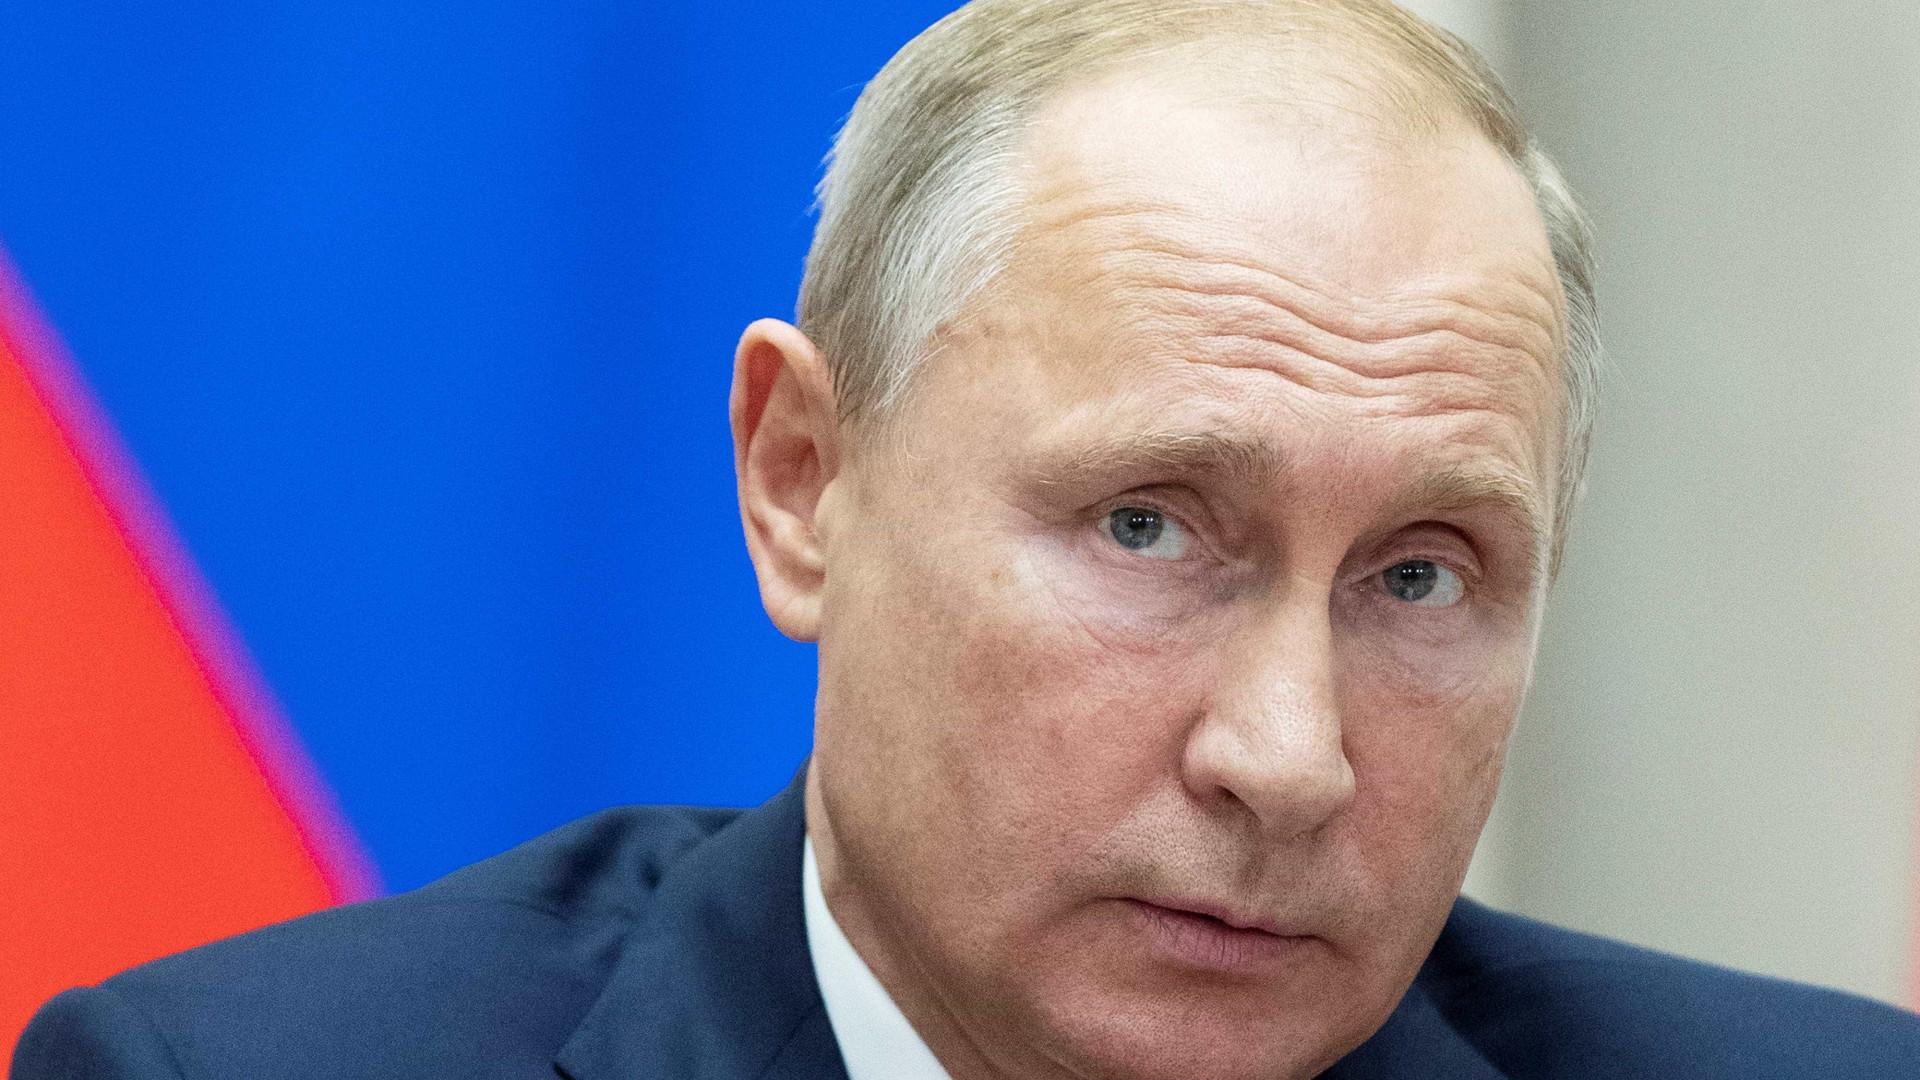 Rússia ameaça retaliações após Trump dizer que deixará tratado nuclear